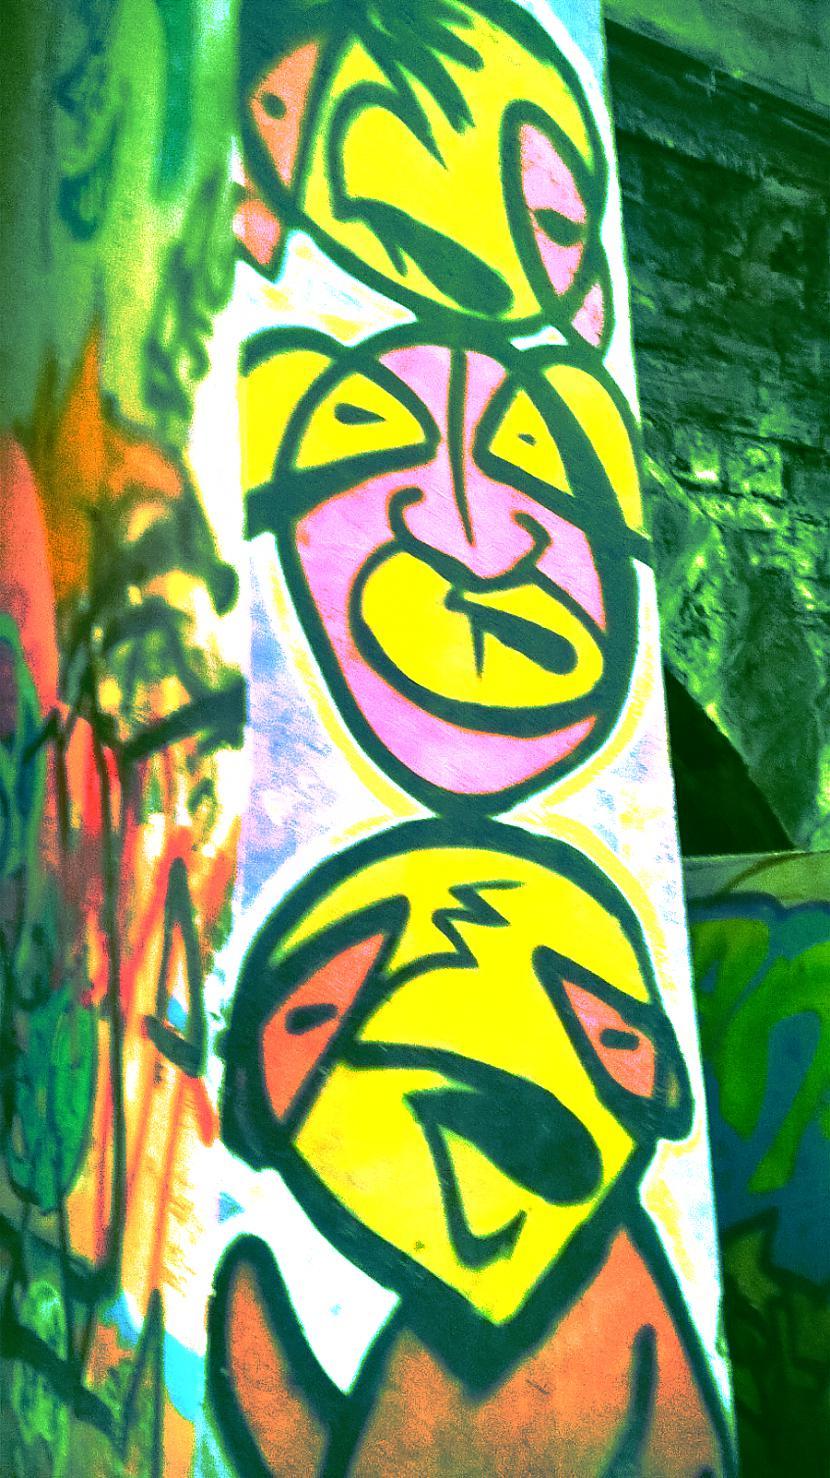 Autors: Strāvonis Graffiti